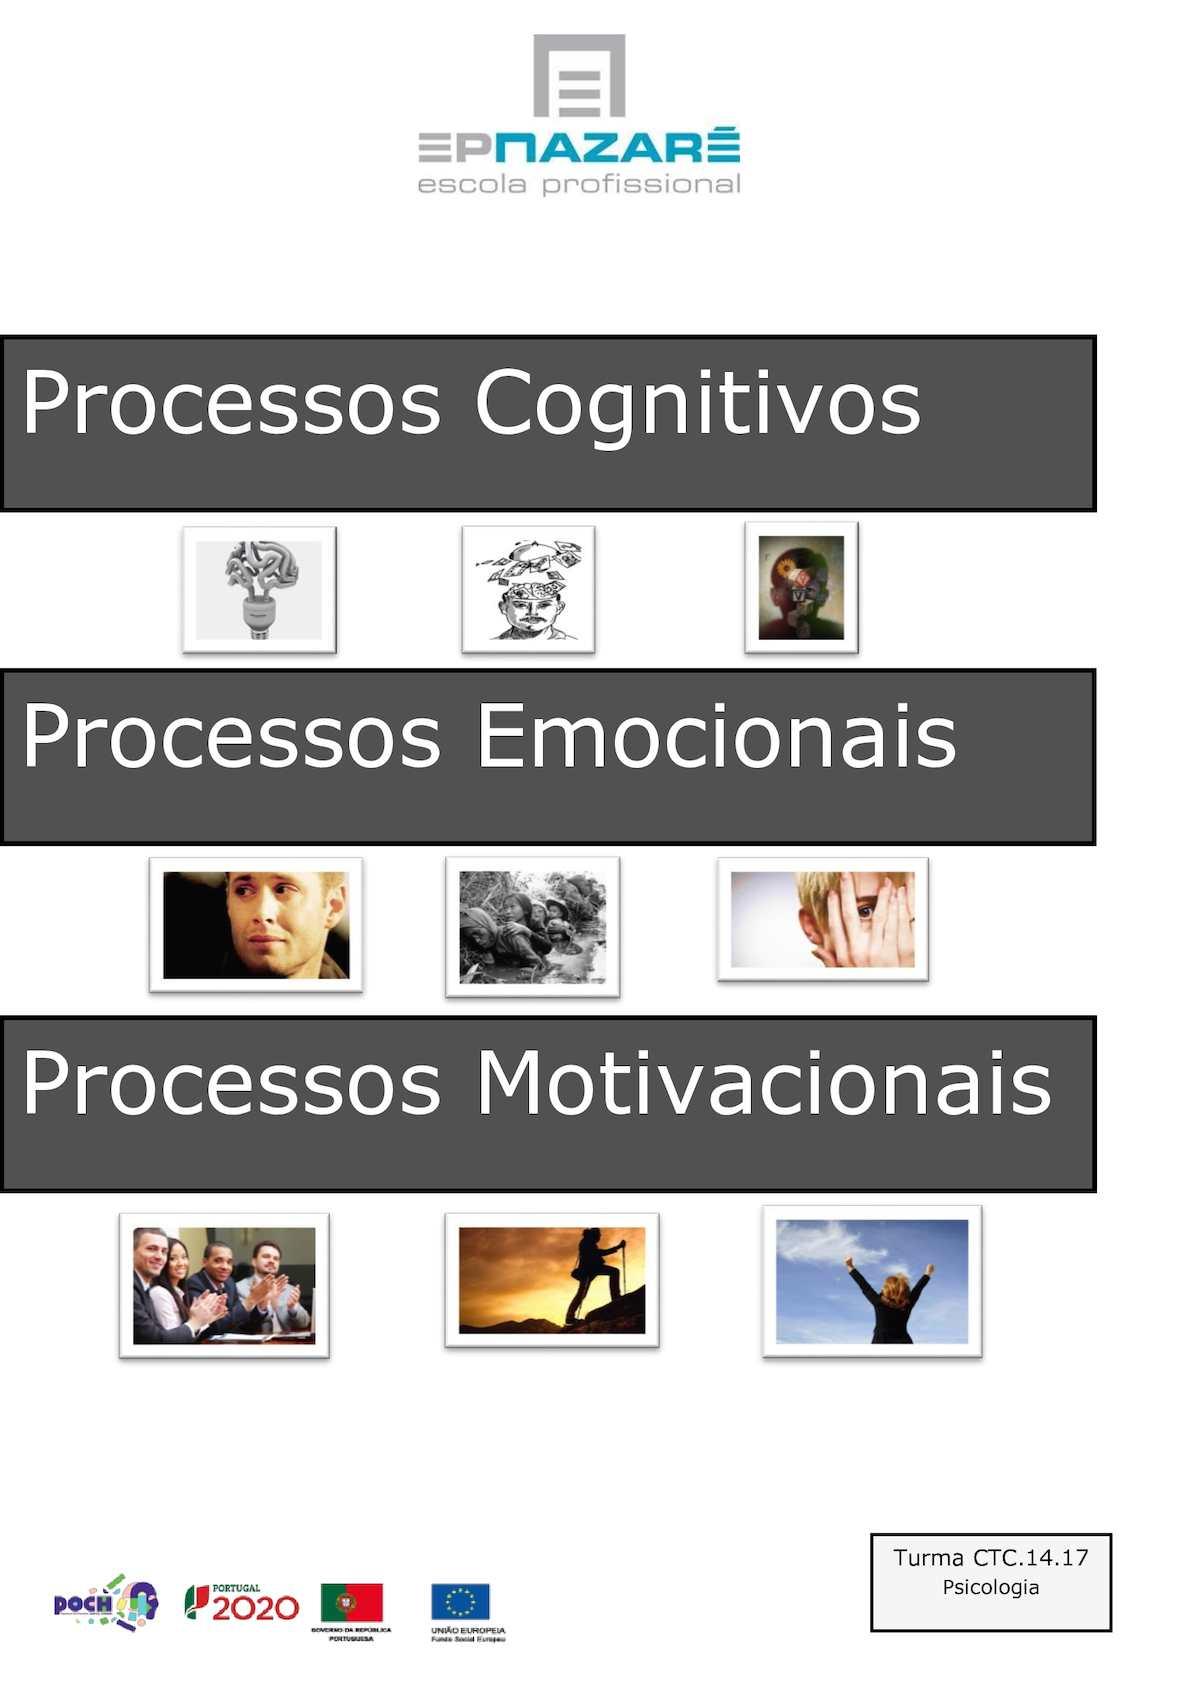 Processos Cognitivos, Emocionais e Motivacionais